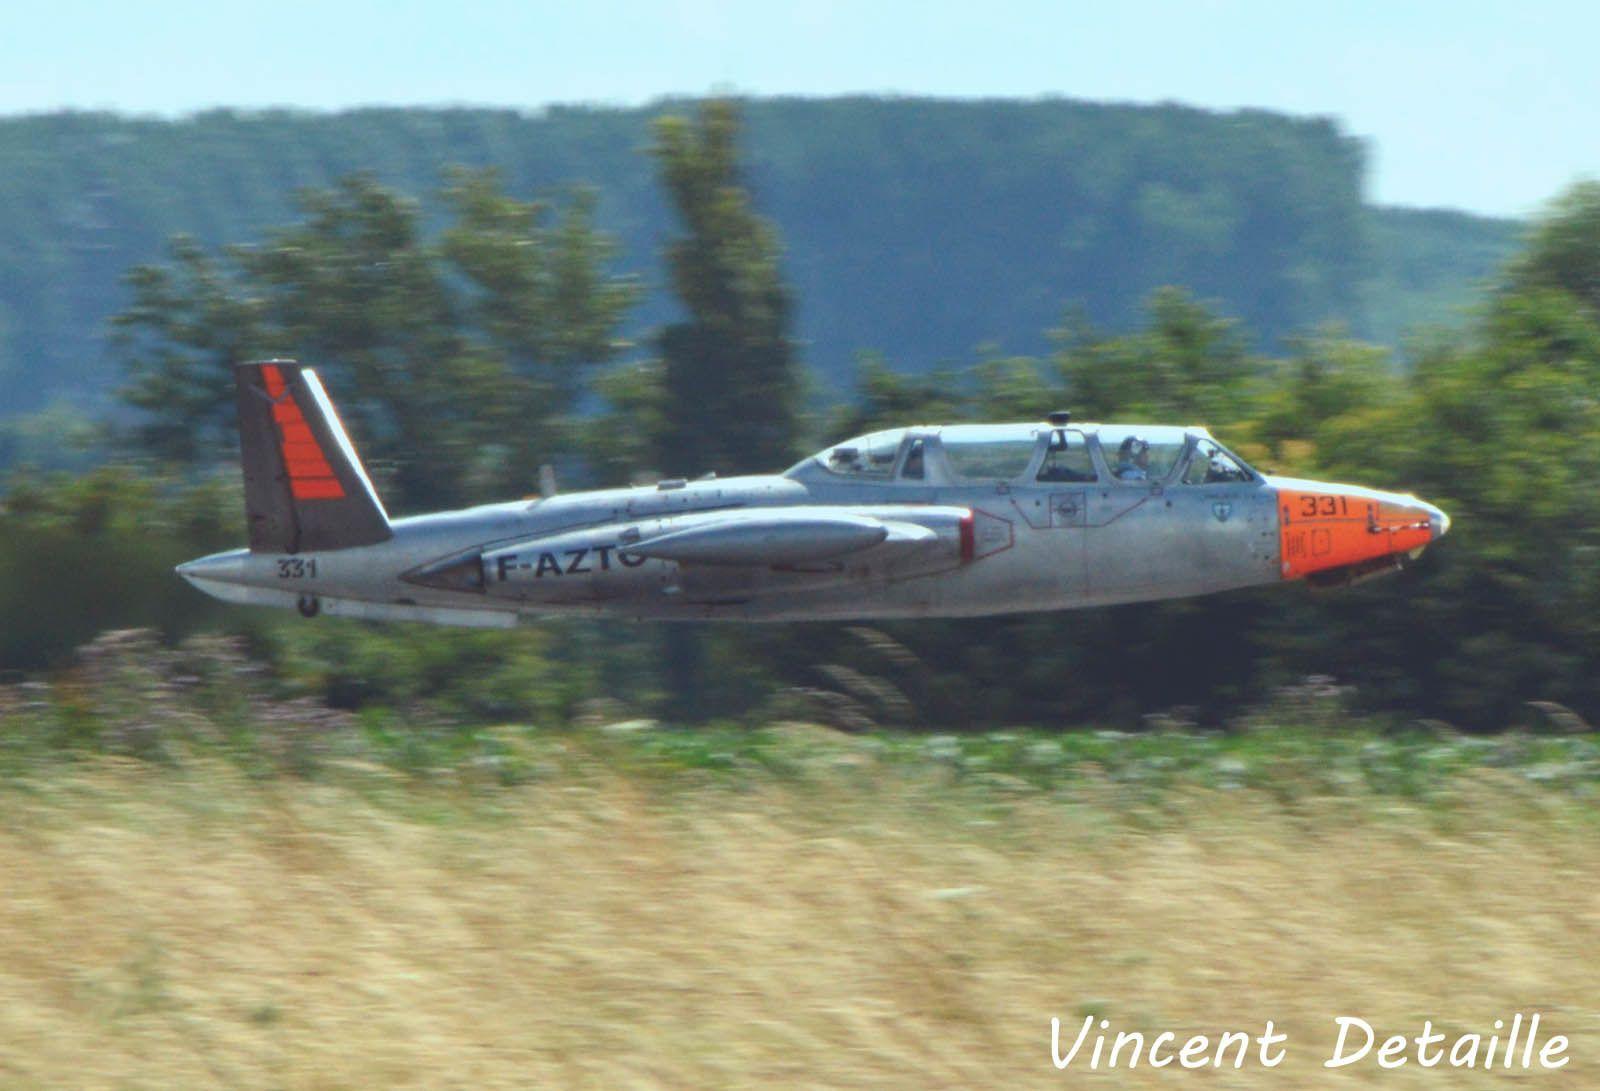 Le Fouga CM-170 Magister N°331 F-AZTO basé à Valencienne (photo: Vincent Detaille).